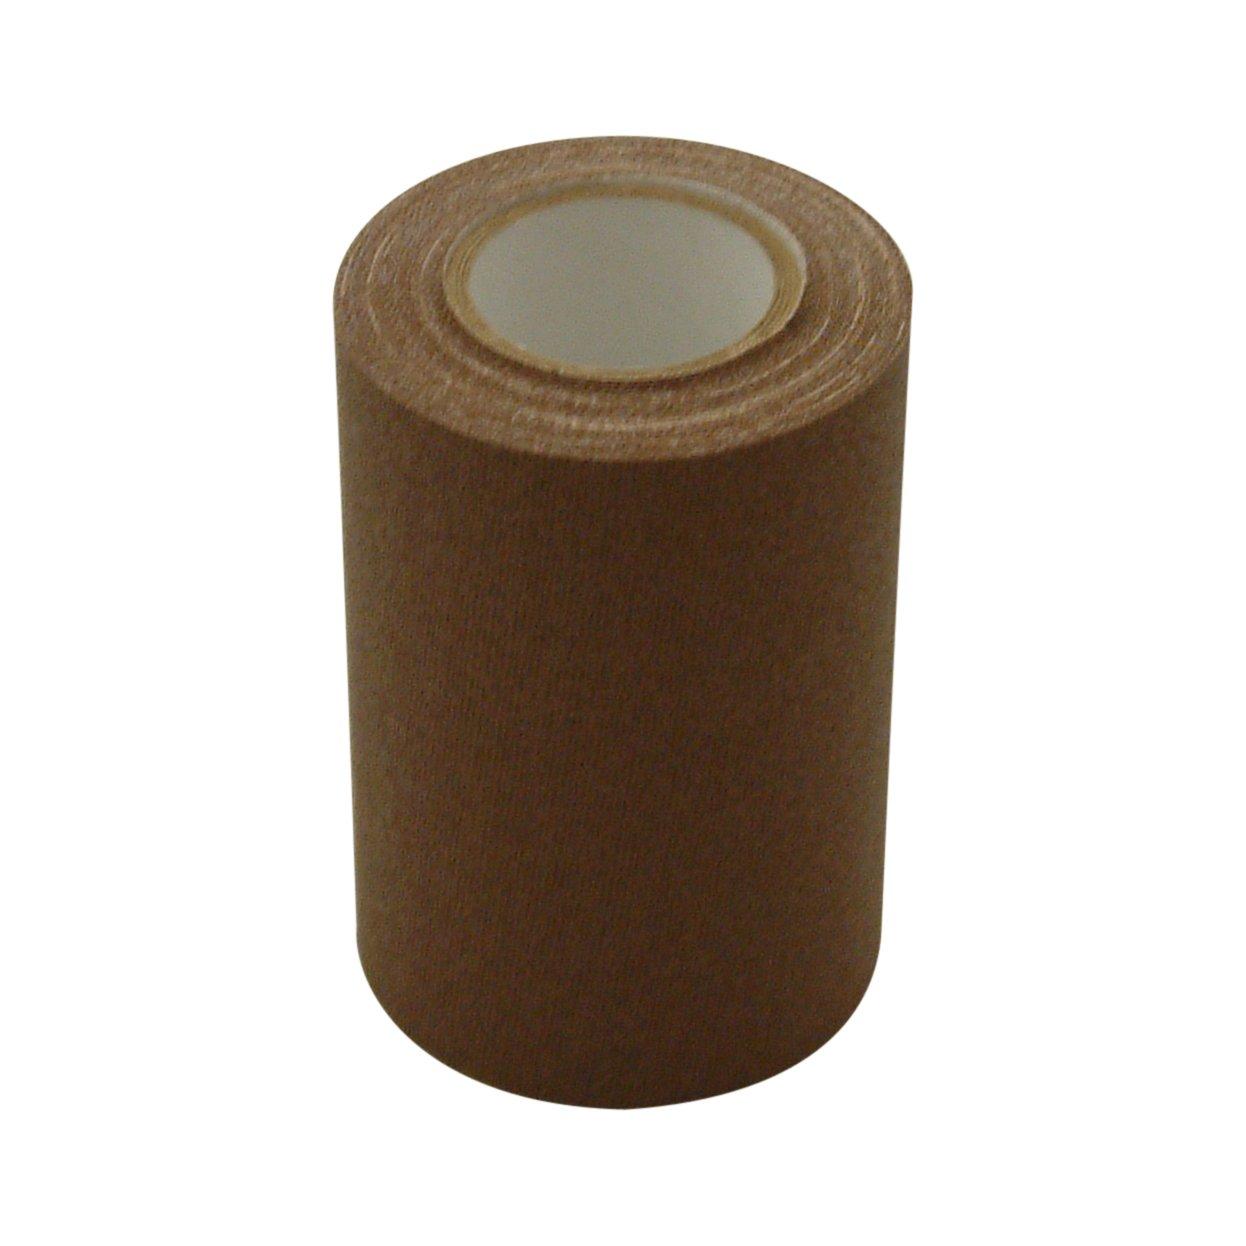 JVCC REPAIR-1 Leather /& Vinyl Repair Tape Brown x 15 ft 3 in